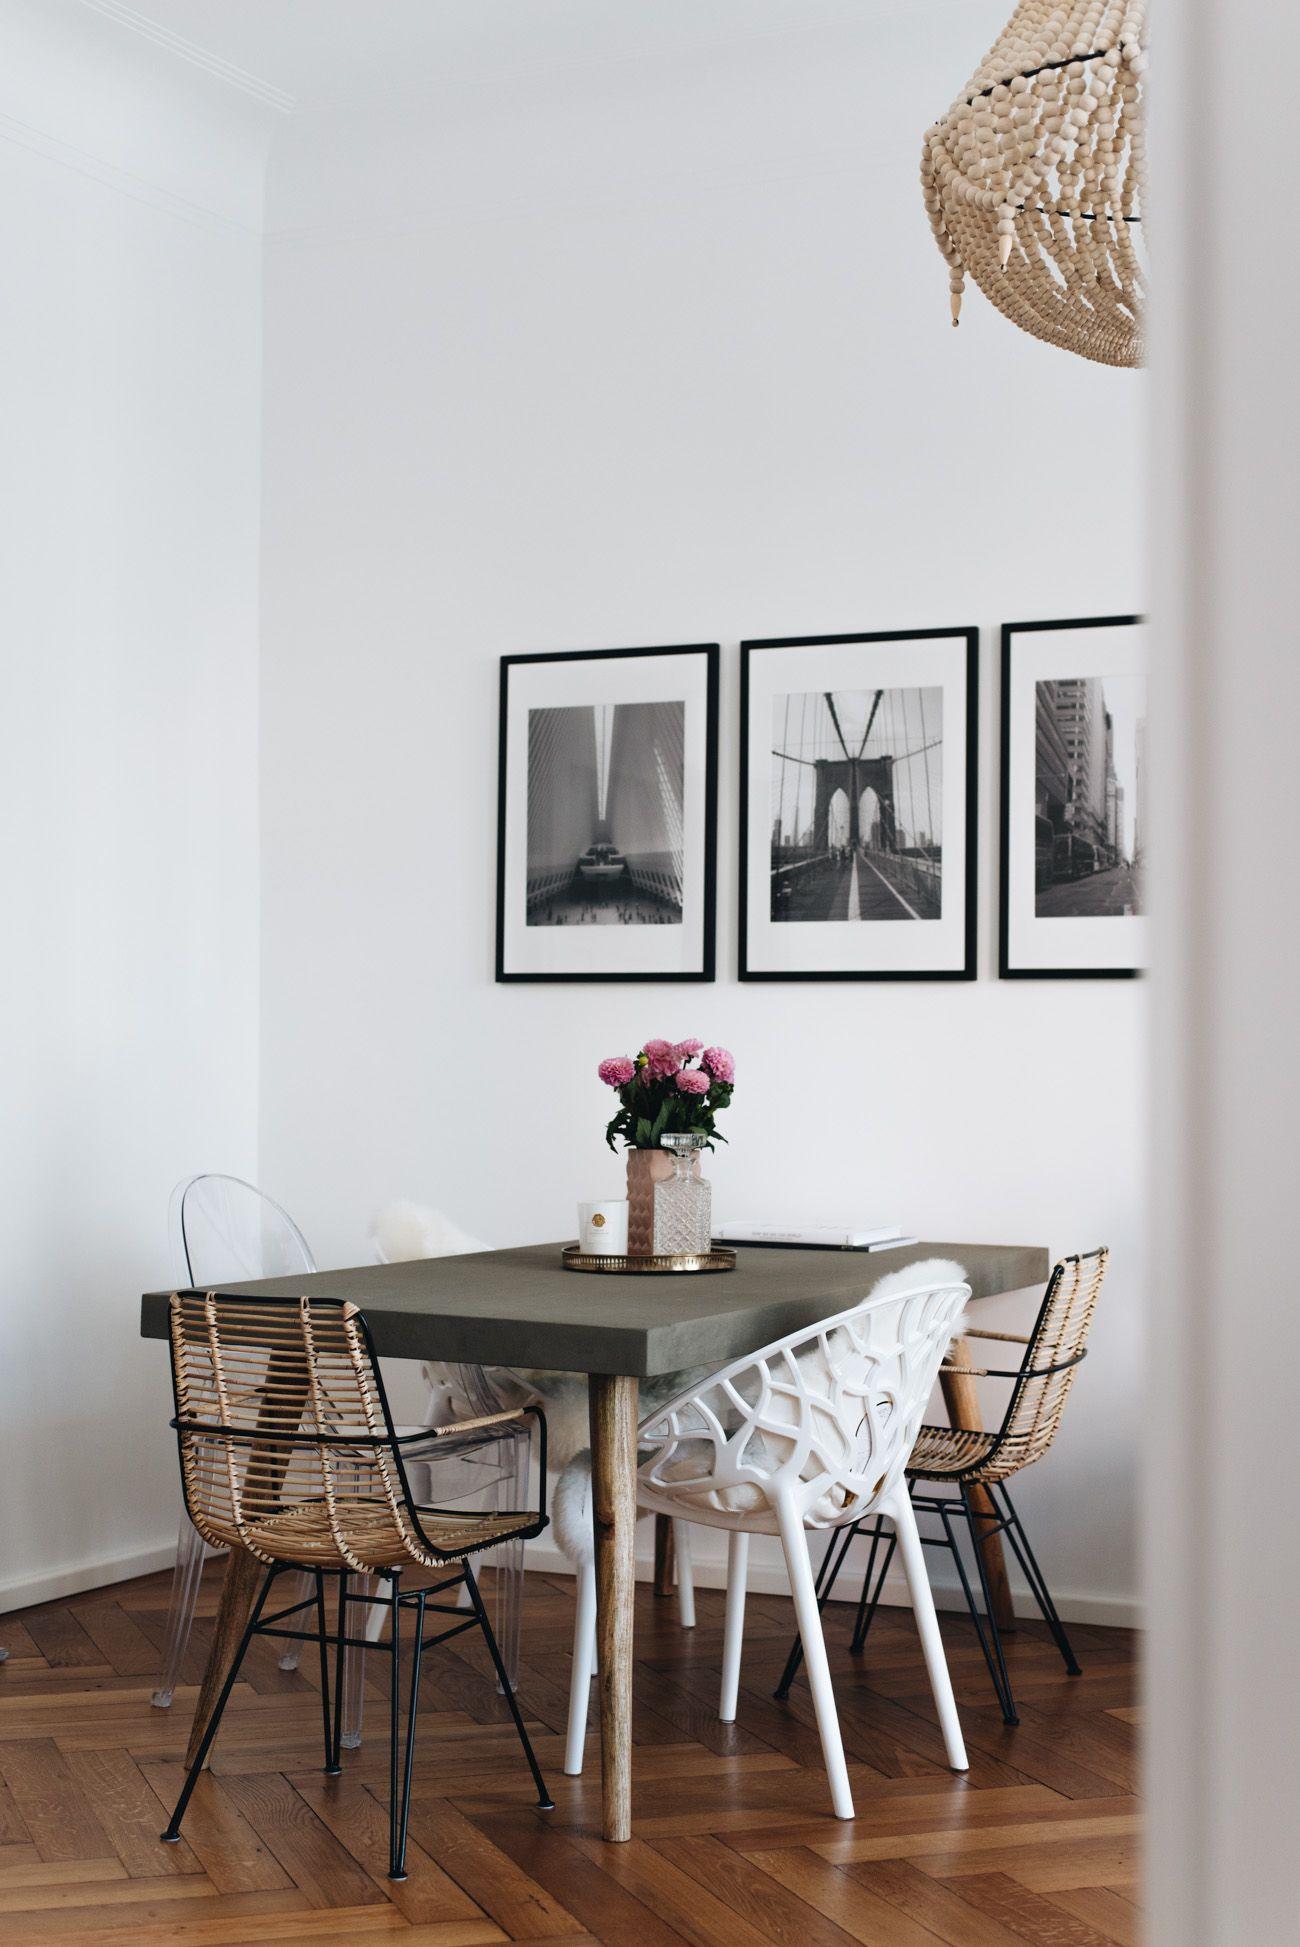 Unsere essecke mit betontisch stuhlmix esszimmer k che flur einrichtungsideen pinterest - Betontisch wohnzimmer ...